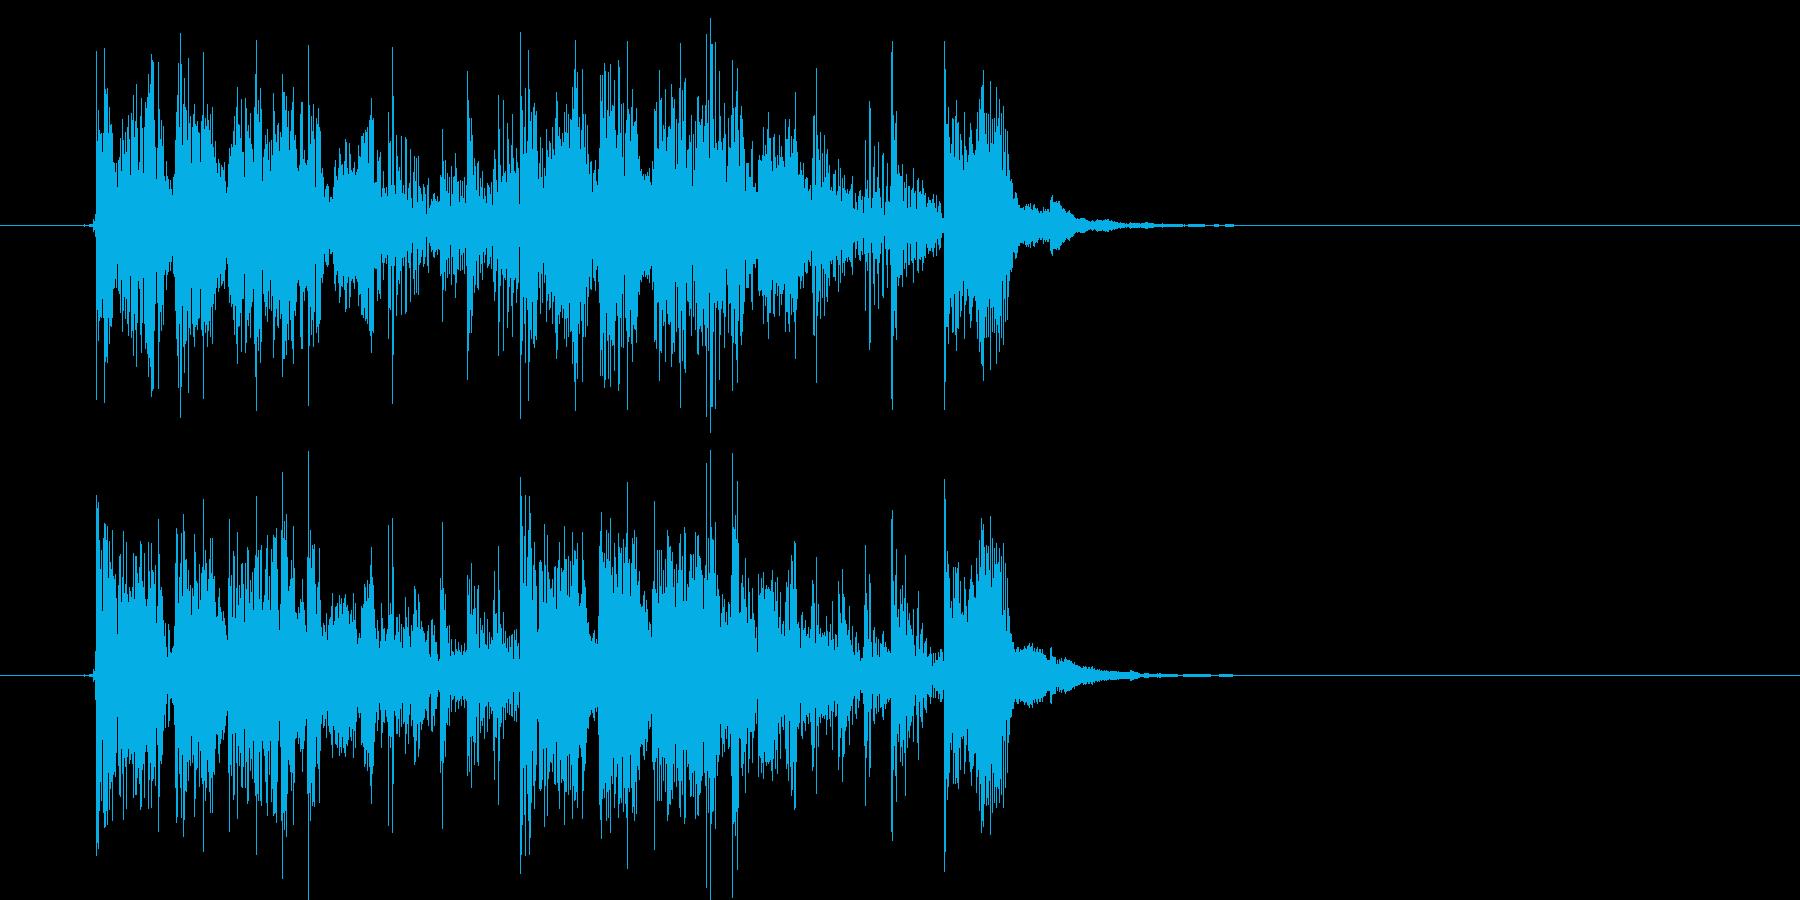 何かを追跡しているようなシンセ曲の再生済みの波形